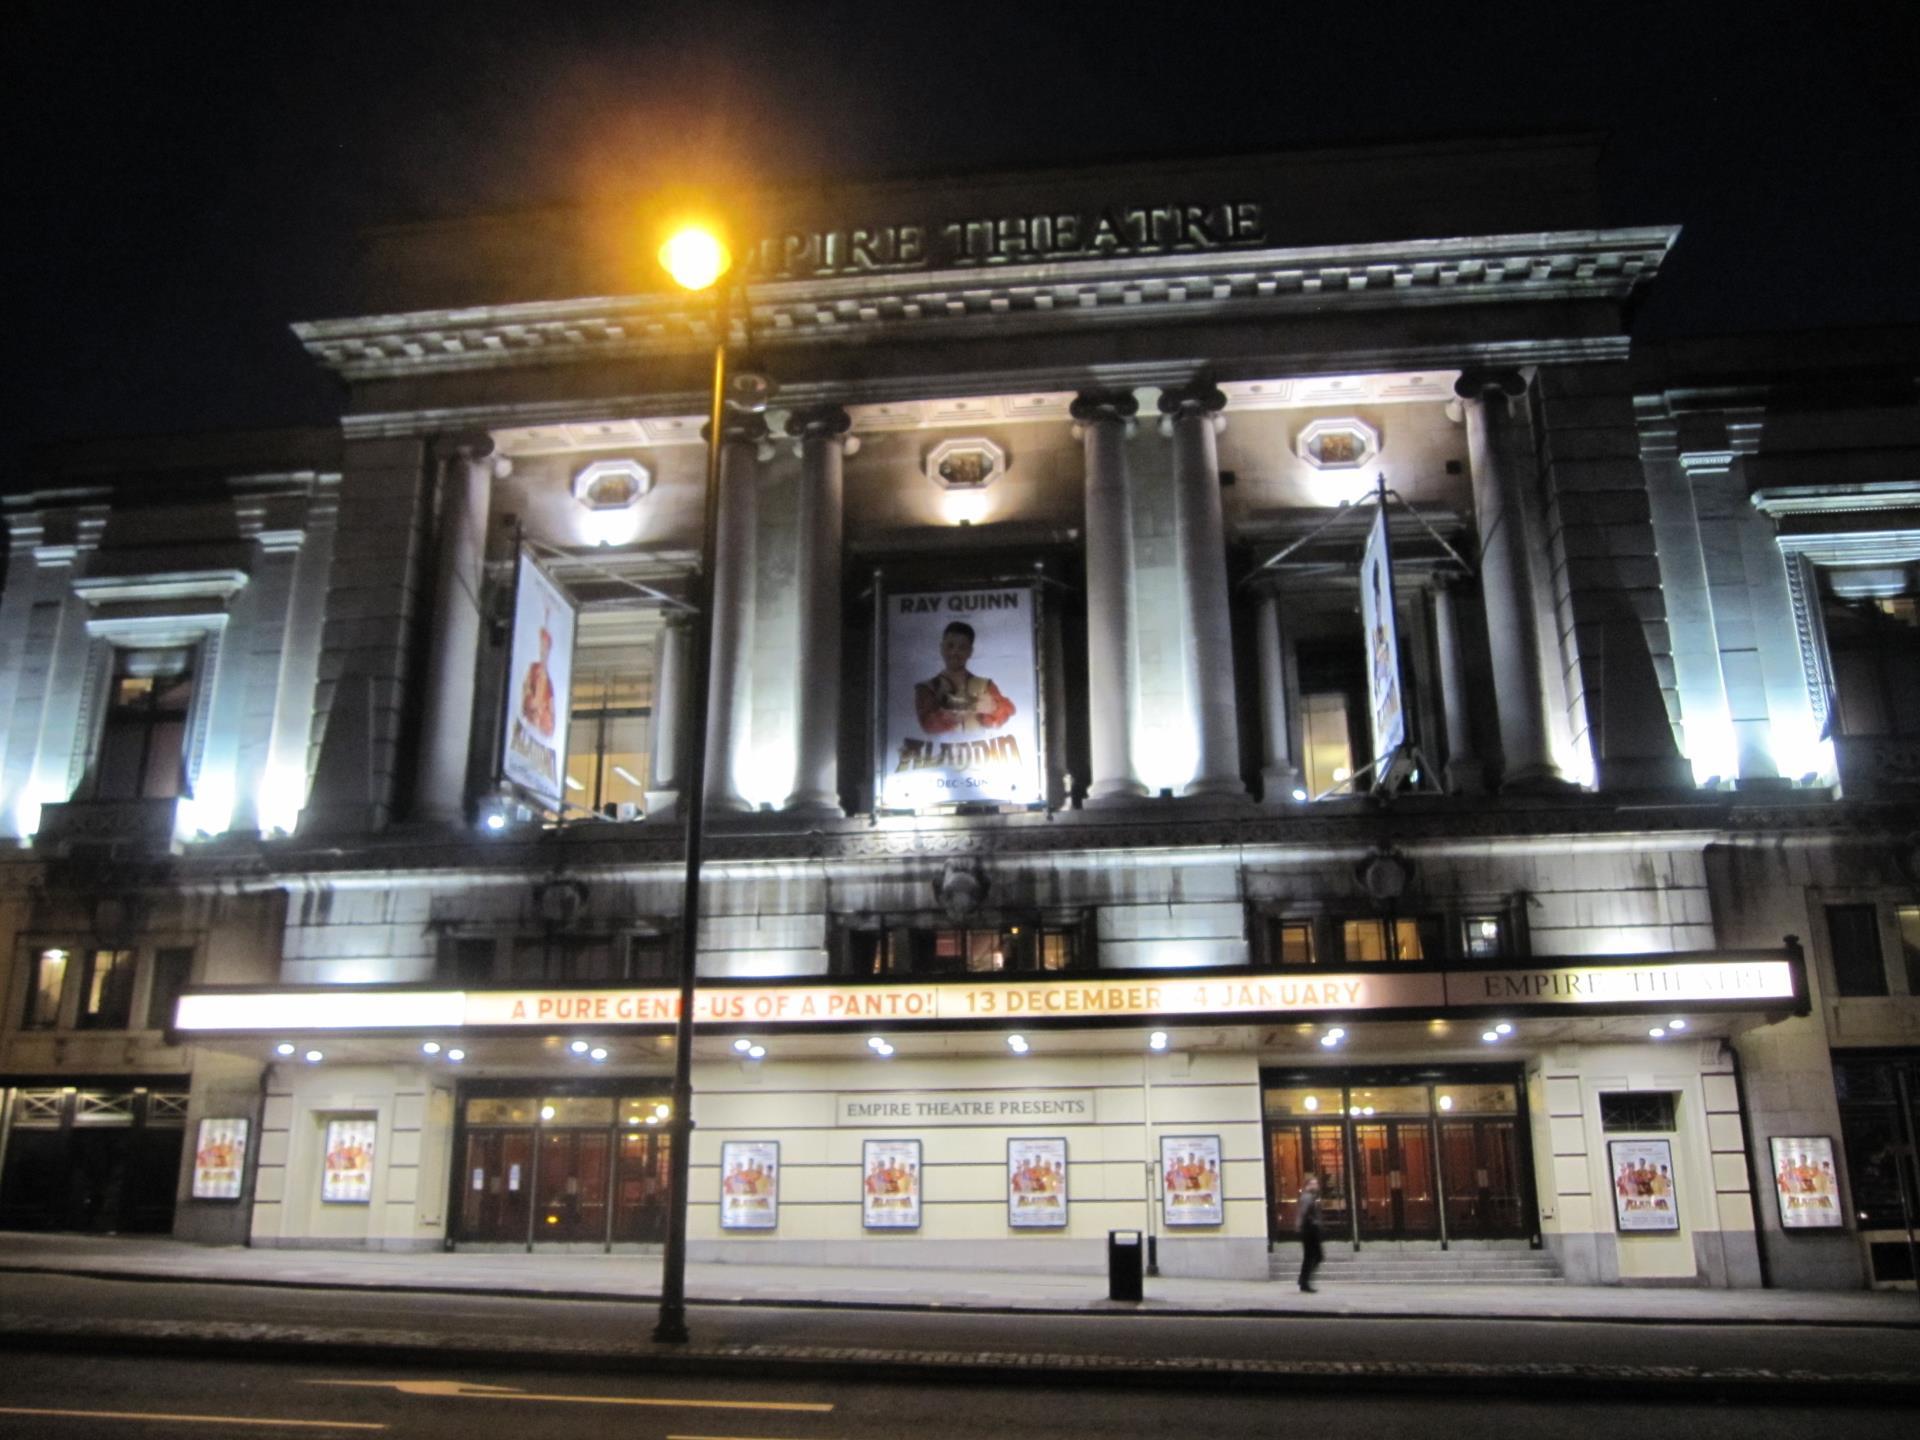 Picture of Liverpool Empire Theatre - Front of Empire Theatre